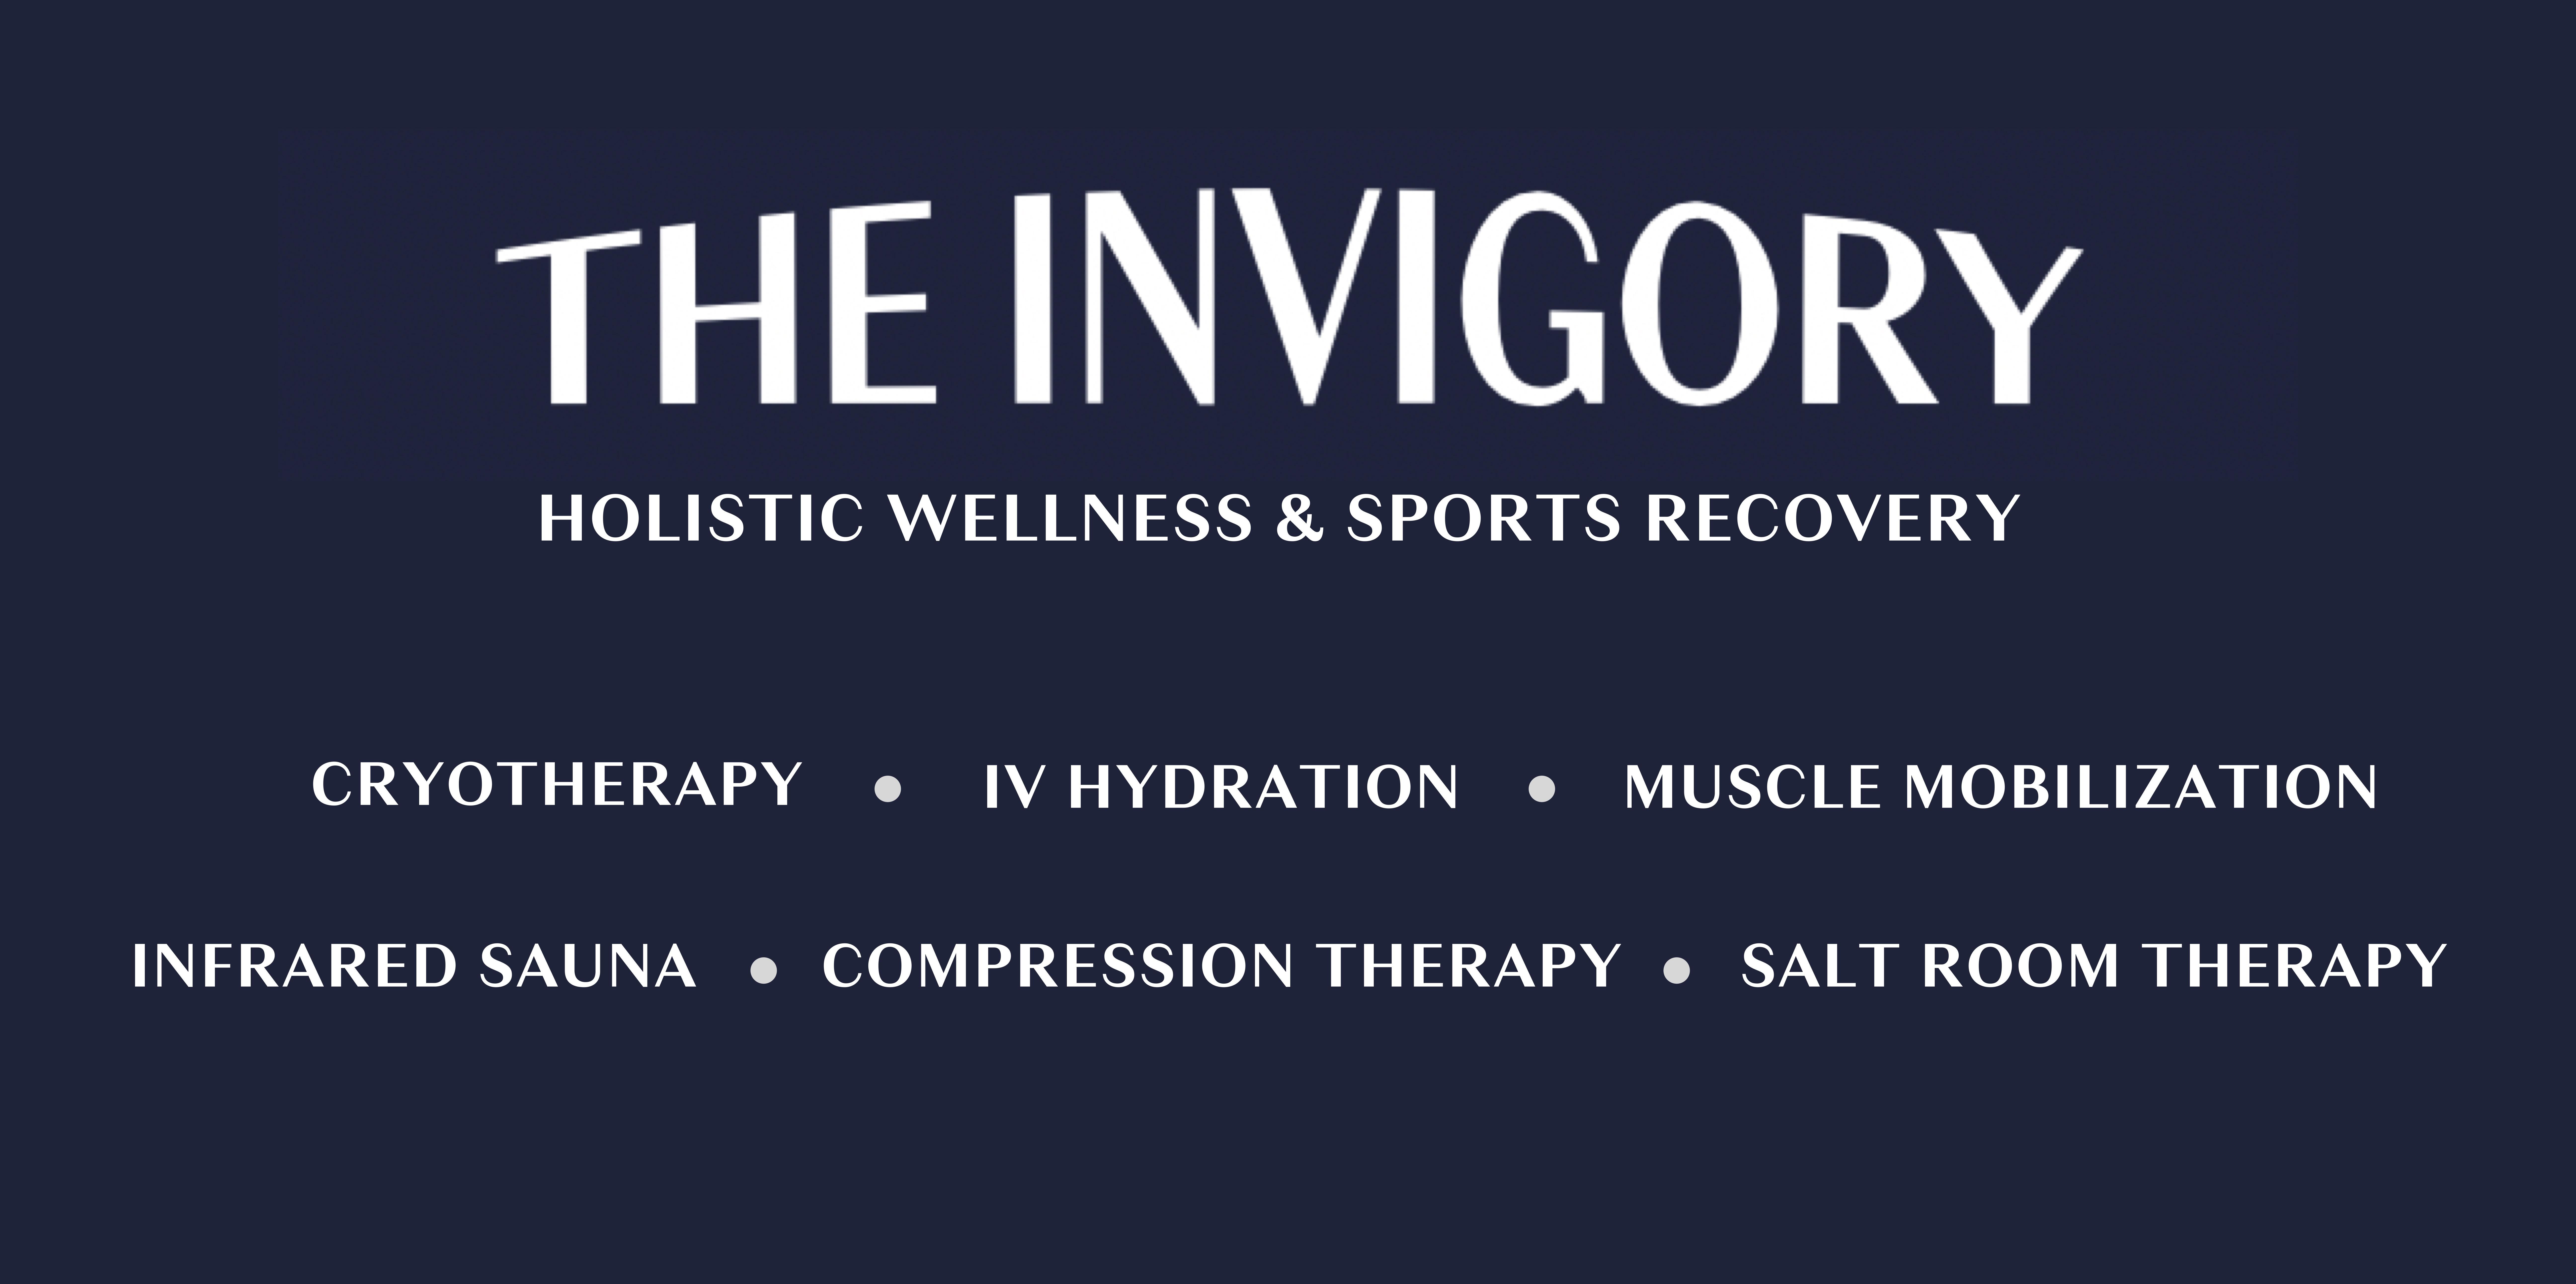 The Invigory